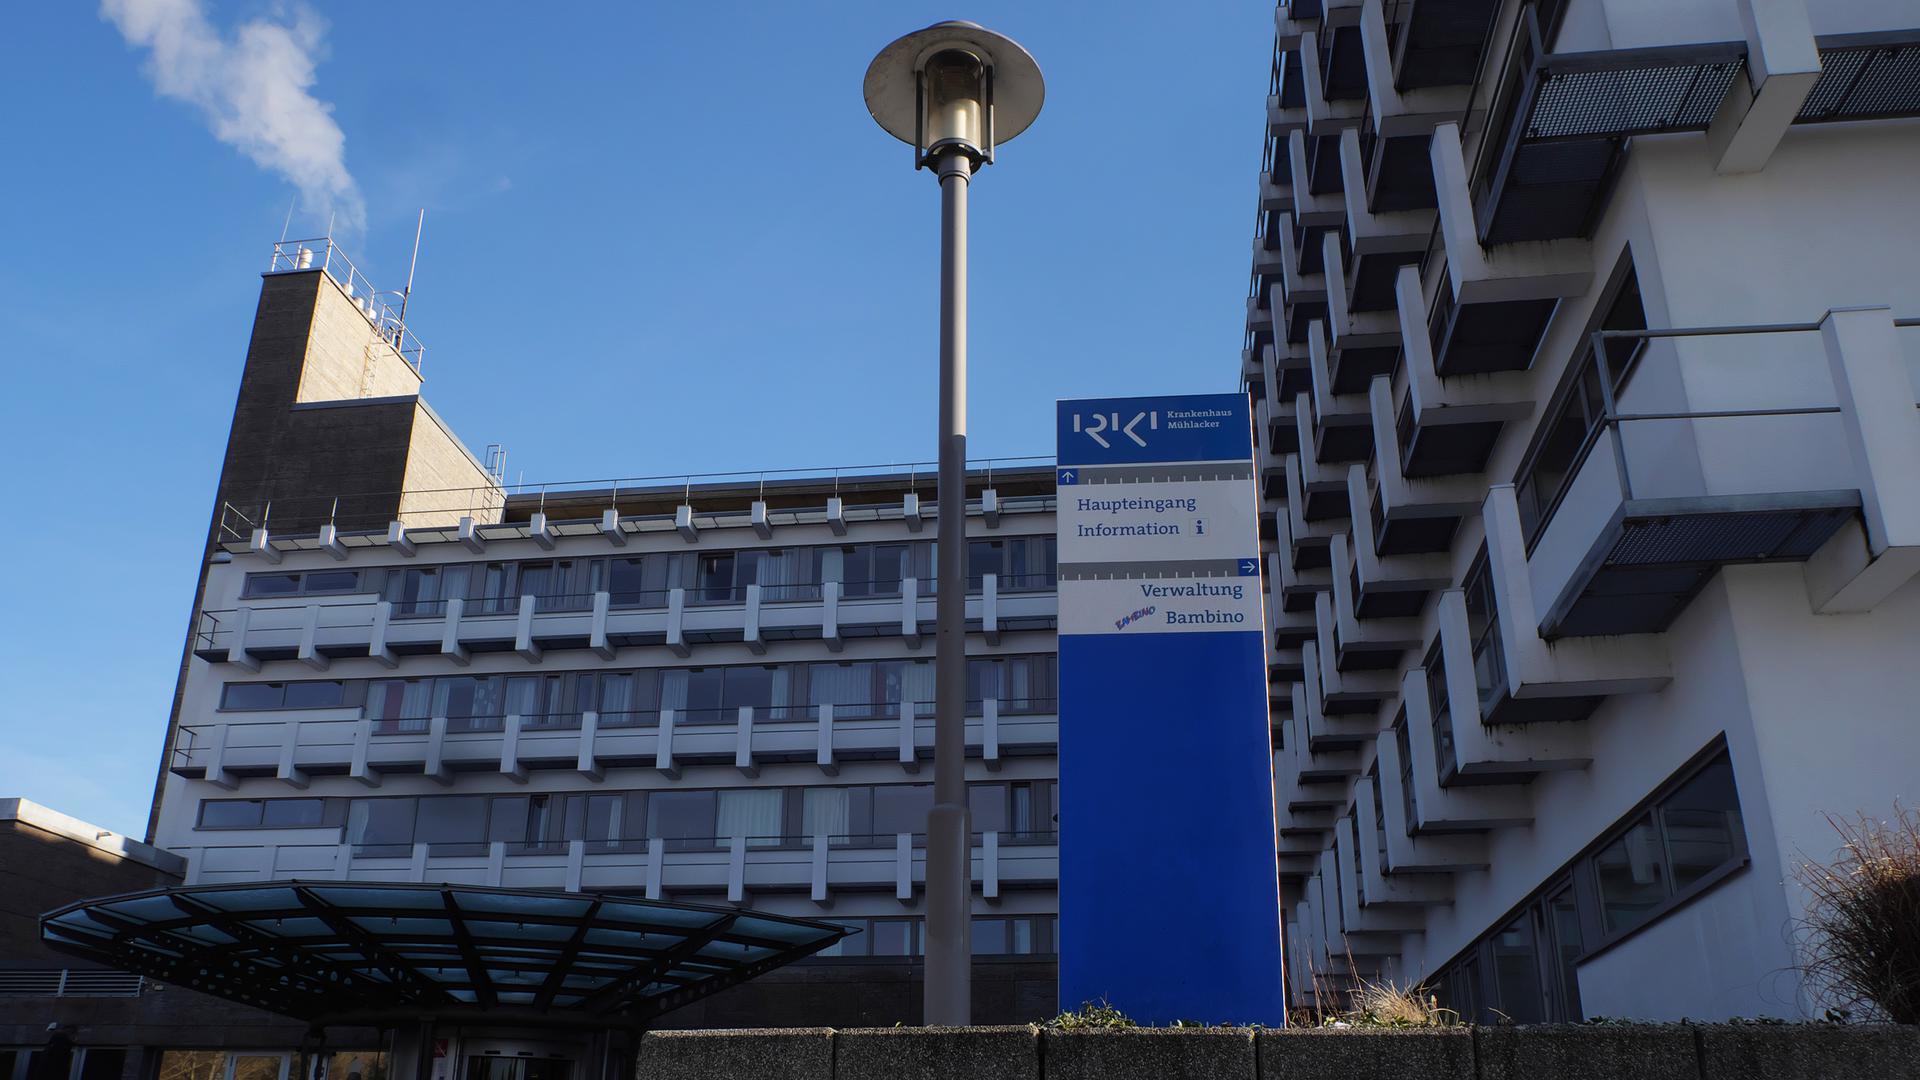 Weniger Patienten, weniger Geld: Knapp 1,7 Millionen Euro Verlust hat alleine die RKH-Klinik in Mühlacker 2020 eingefahren. Es ist eine Folge der Corona-Pandemie und zurückgegangenen Belegungszahlen